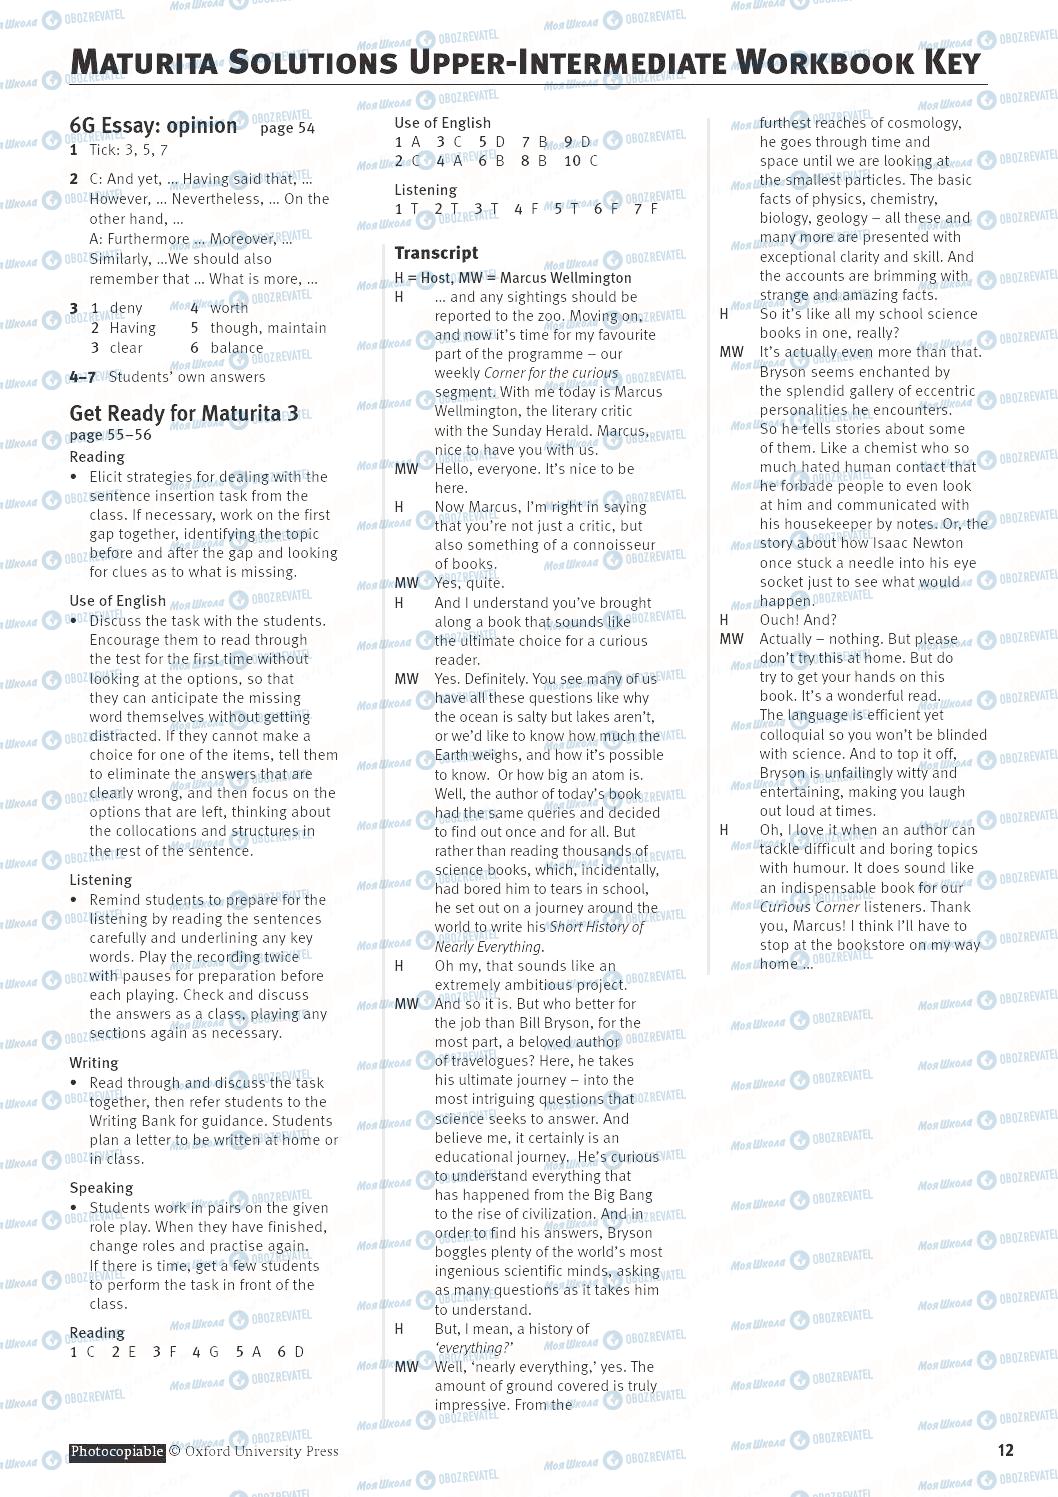 ГДЗ Английский язык 10 класс страница 12